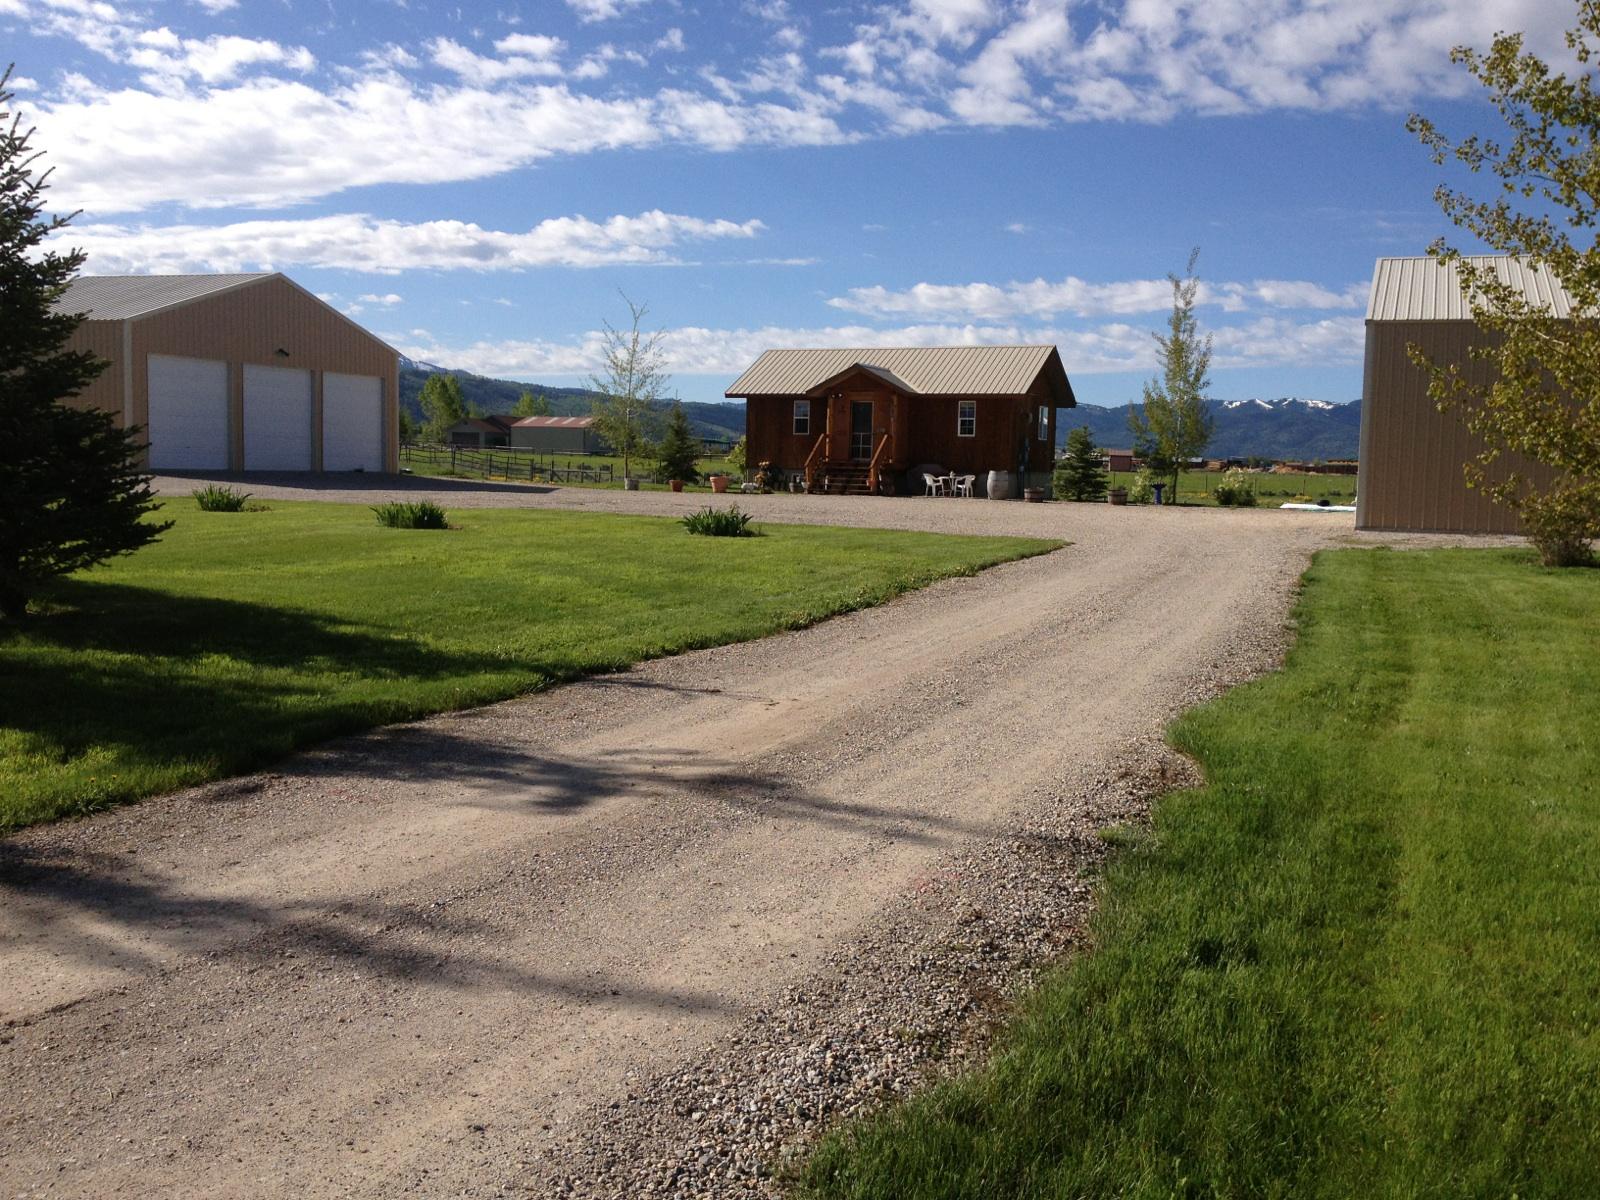 Maison unifamiliale pour l Vente à Victor Home with 6 Garage Bays, No CCR's 593 JACKALOPE WAY Victor, Idaho, 83455 Jackson Hole, États-Unis